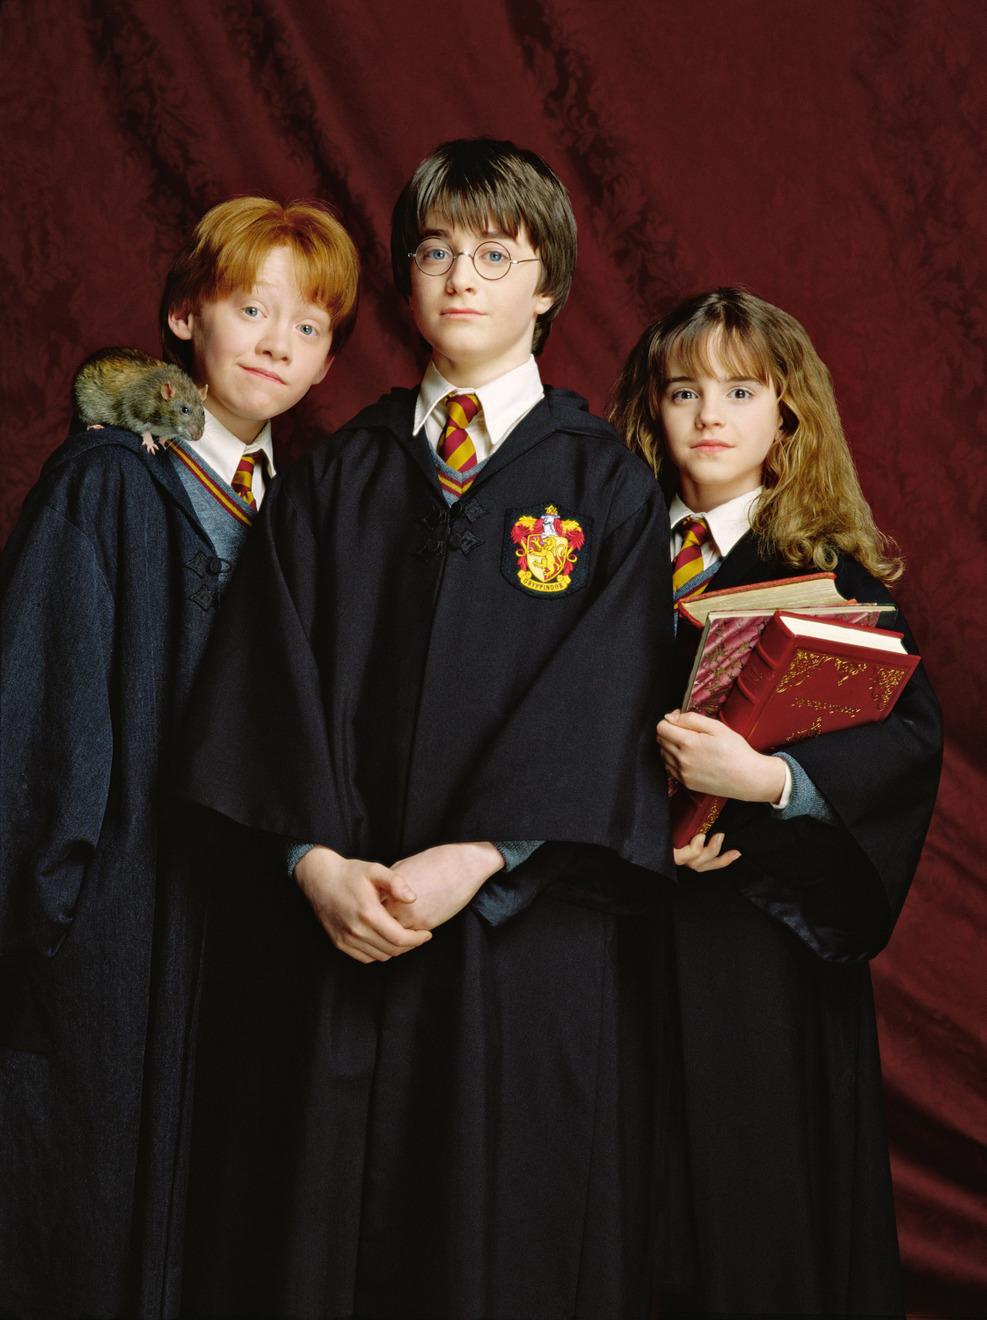 «Гарри Поттер 1 Часть Смотреть Философский Камень» — 2012